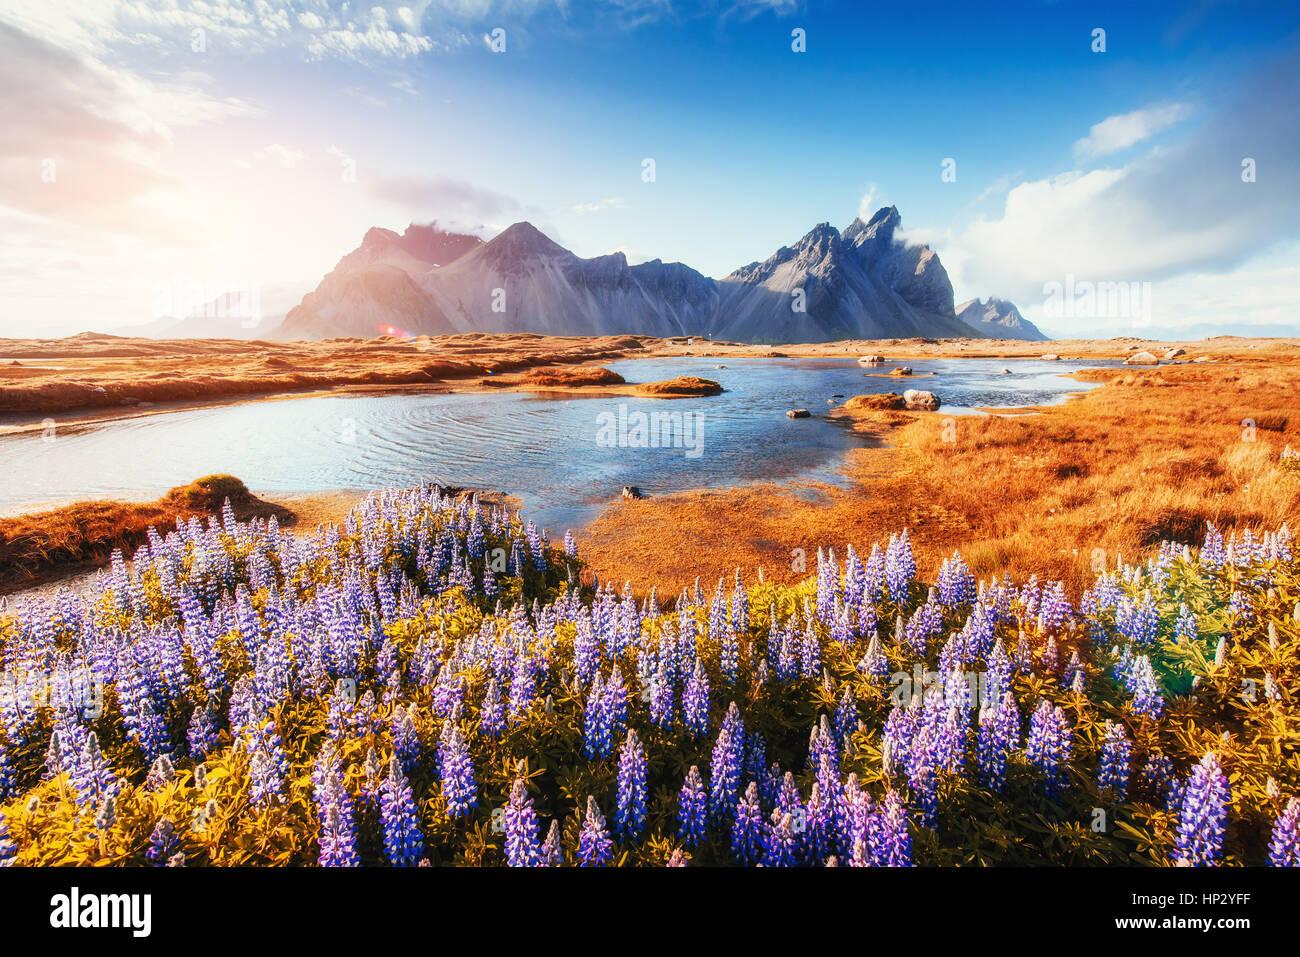 Les paysages pittoresques forêts et montagnes de l'Islande. Photo Stock